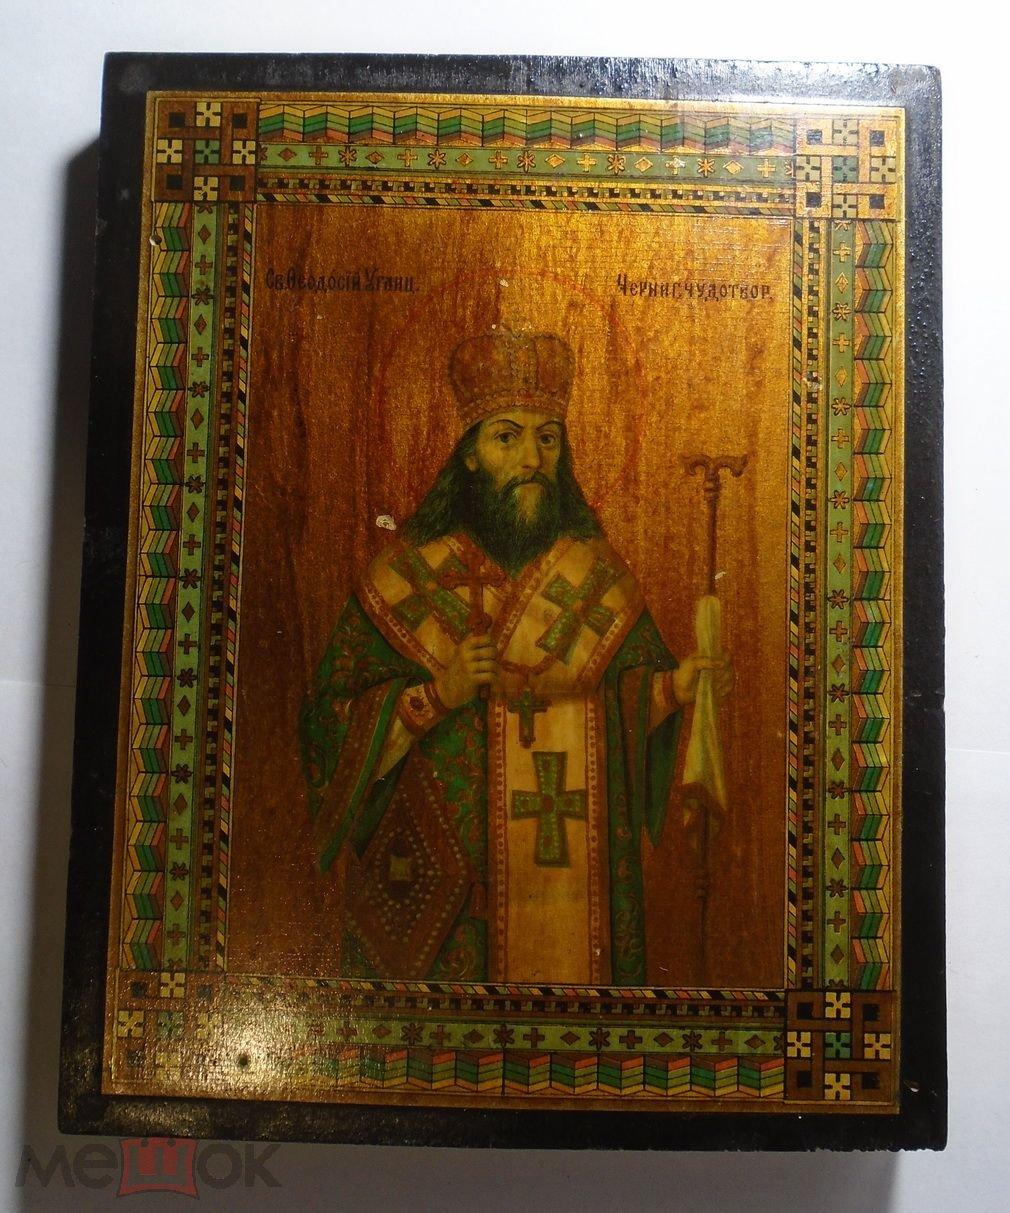 Икона Святой Феодосий Черниговский Чудотворец На бумаге Размер 18 на 14 см.    AL